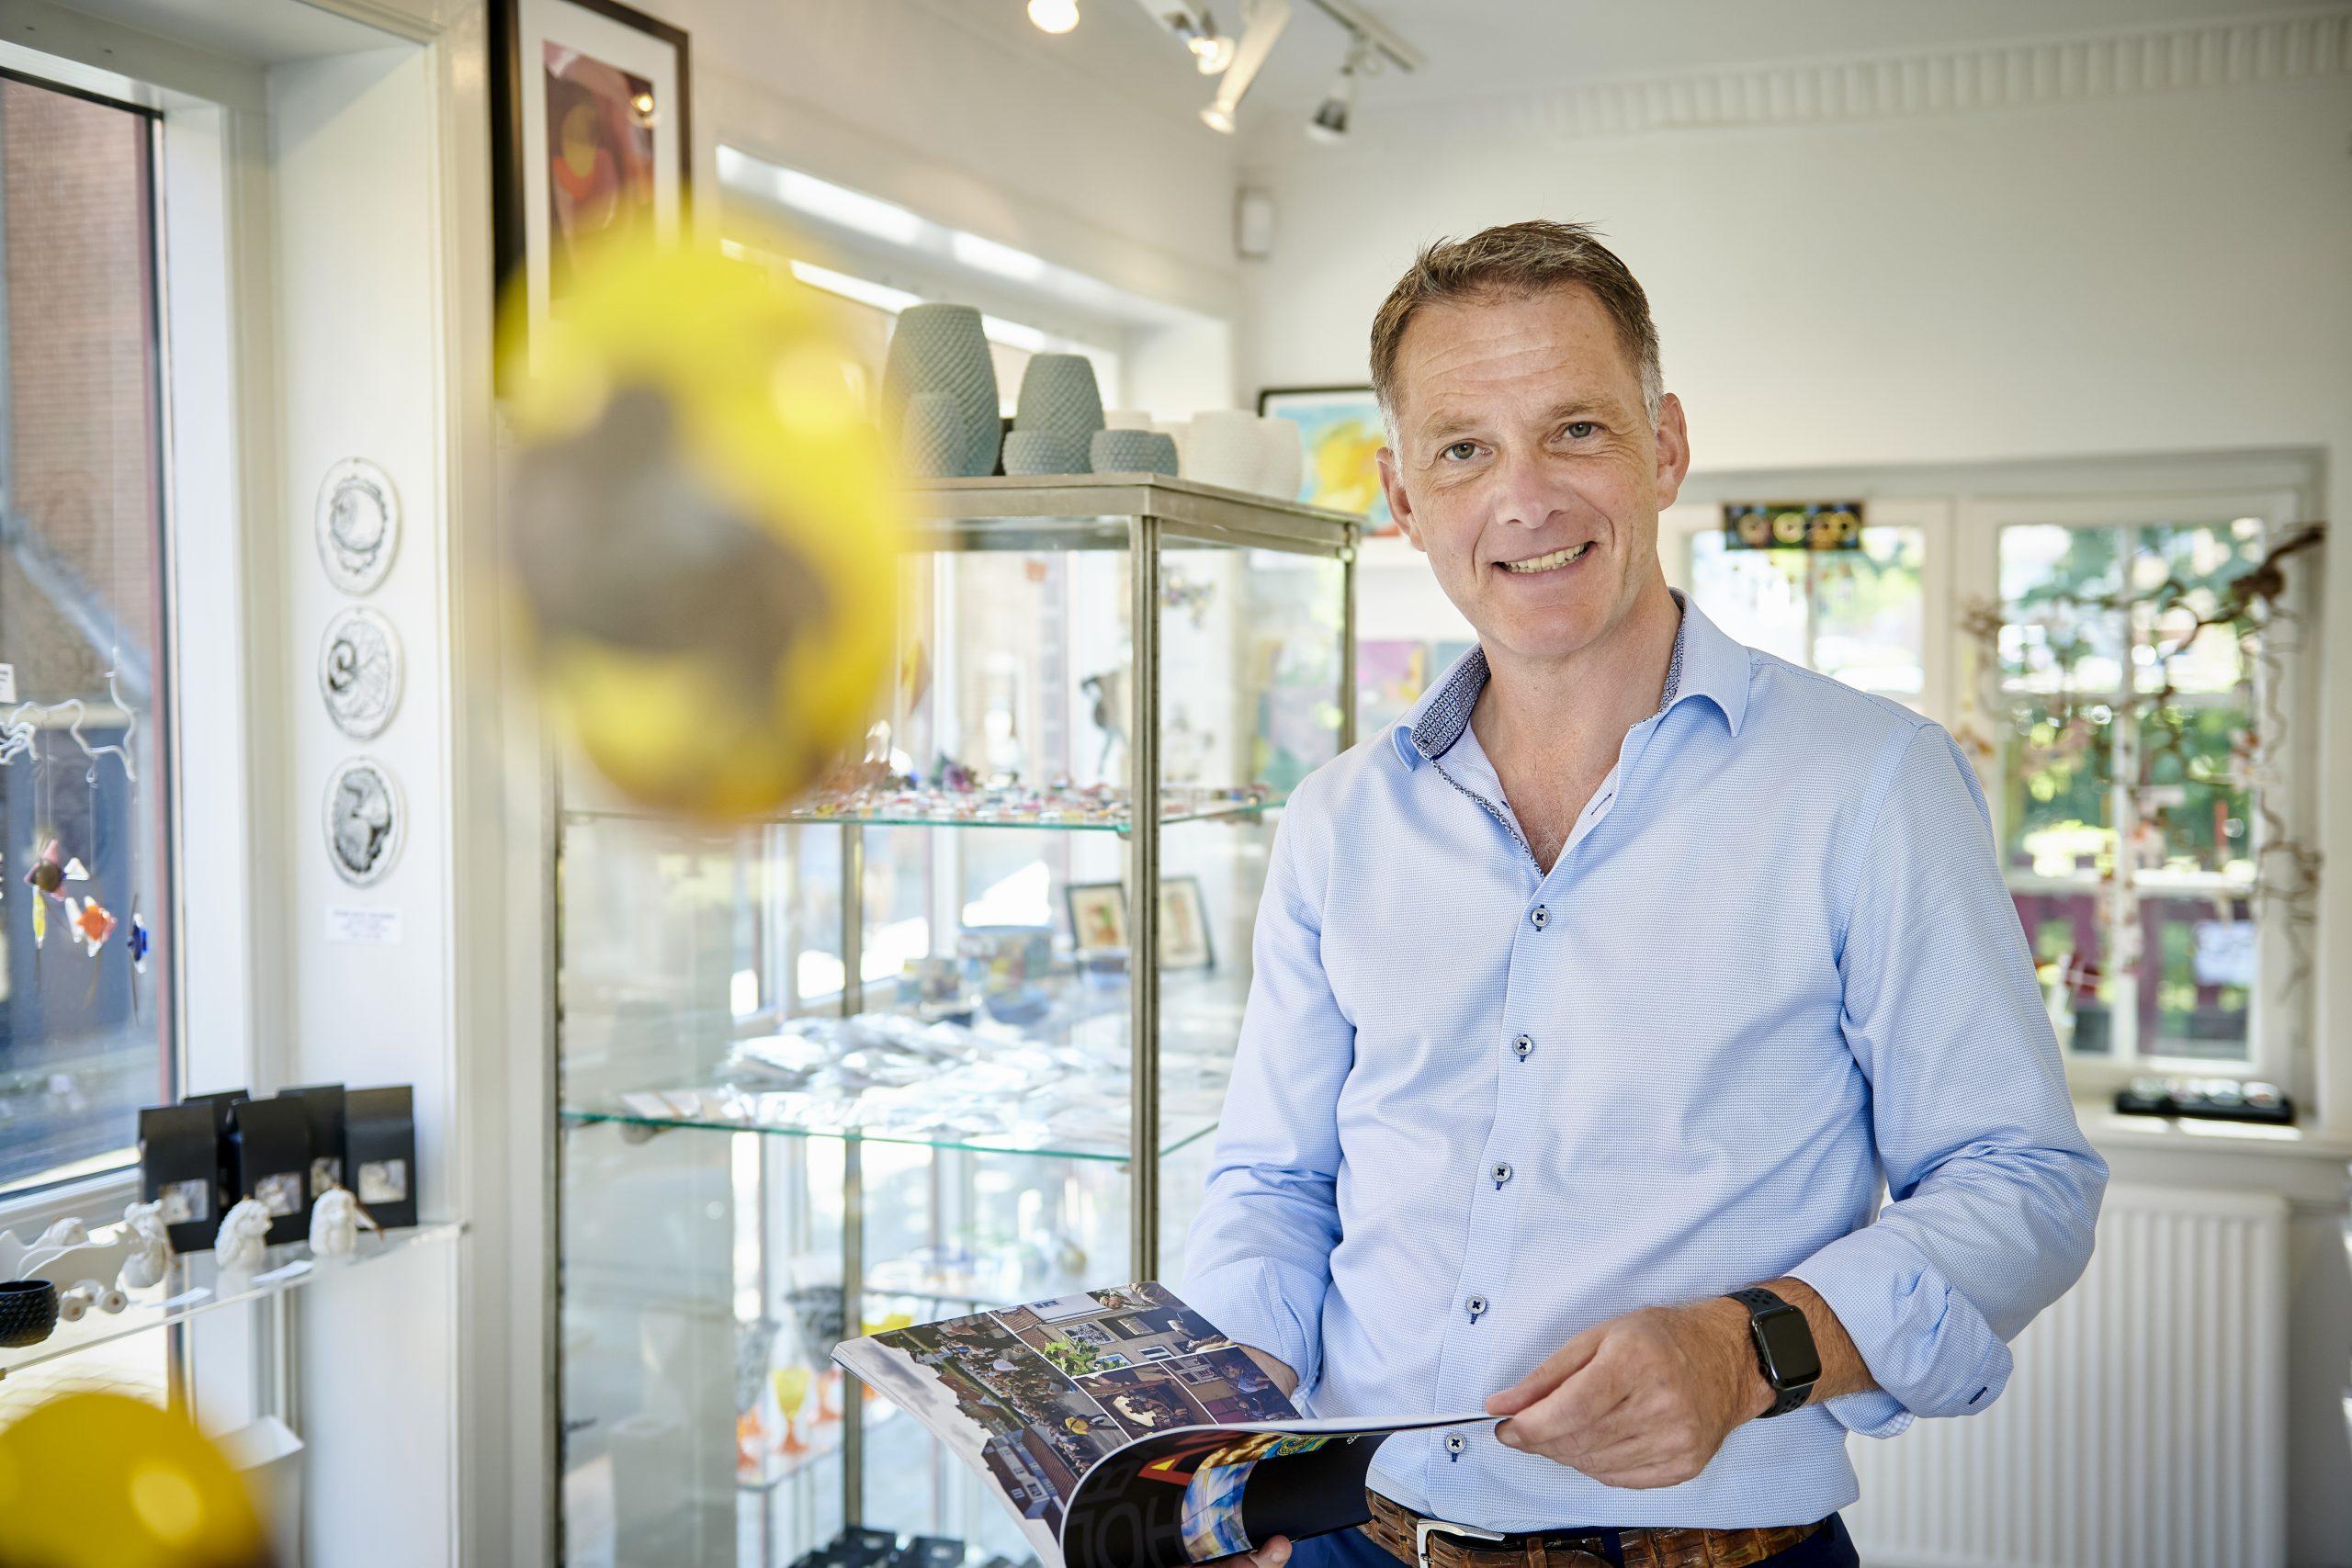 """""""Når man har sit eget, har man selv hånden på kogepladen,"""" siger Jens Müller, der stopper som direktør for Destination Sjælland for at stå i spidsen for et vandrehjem. Arkivpressefoto: Destination Sjælland."""